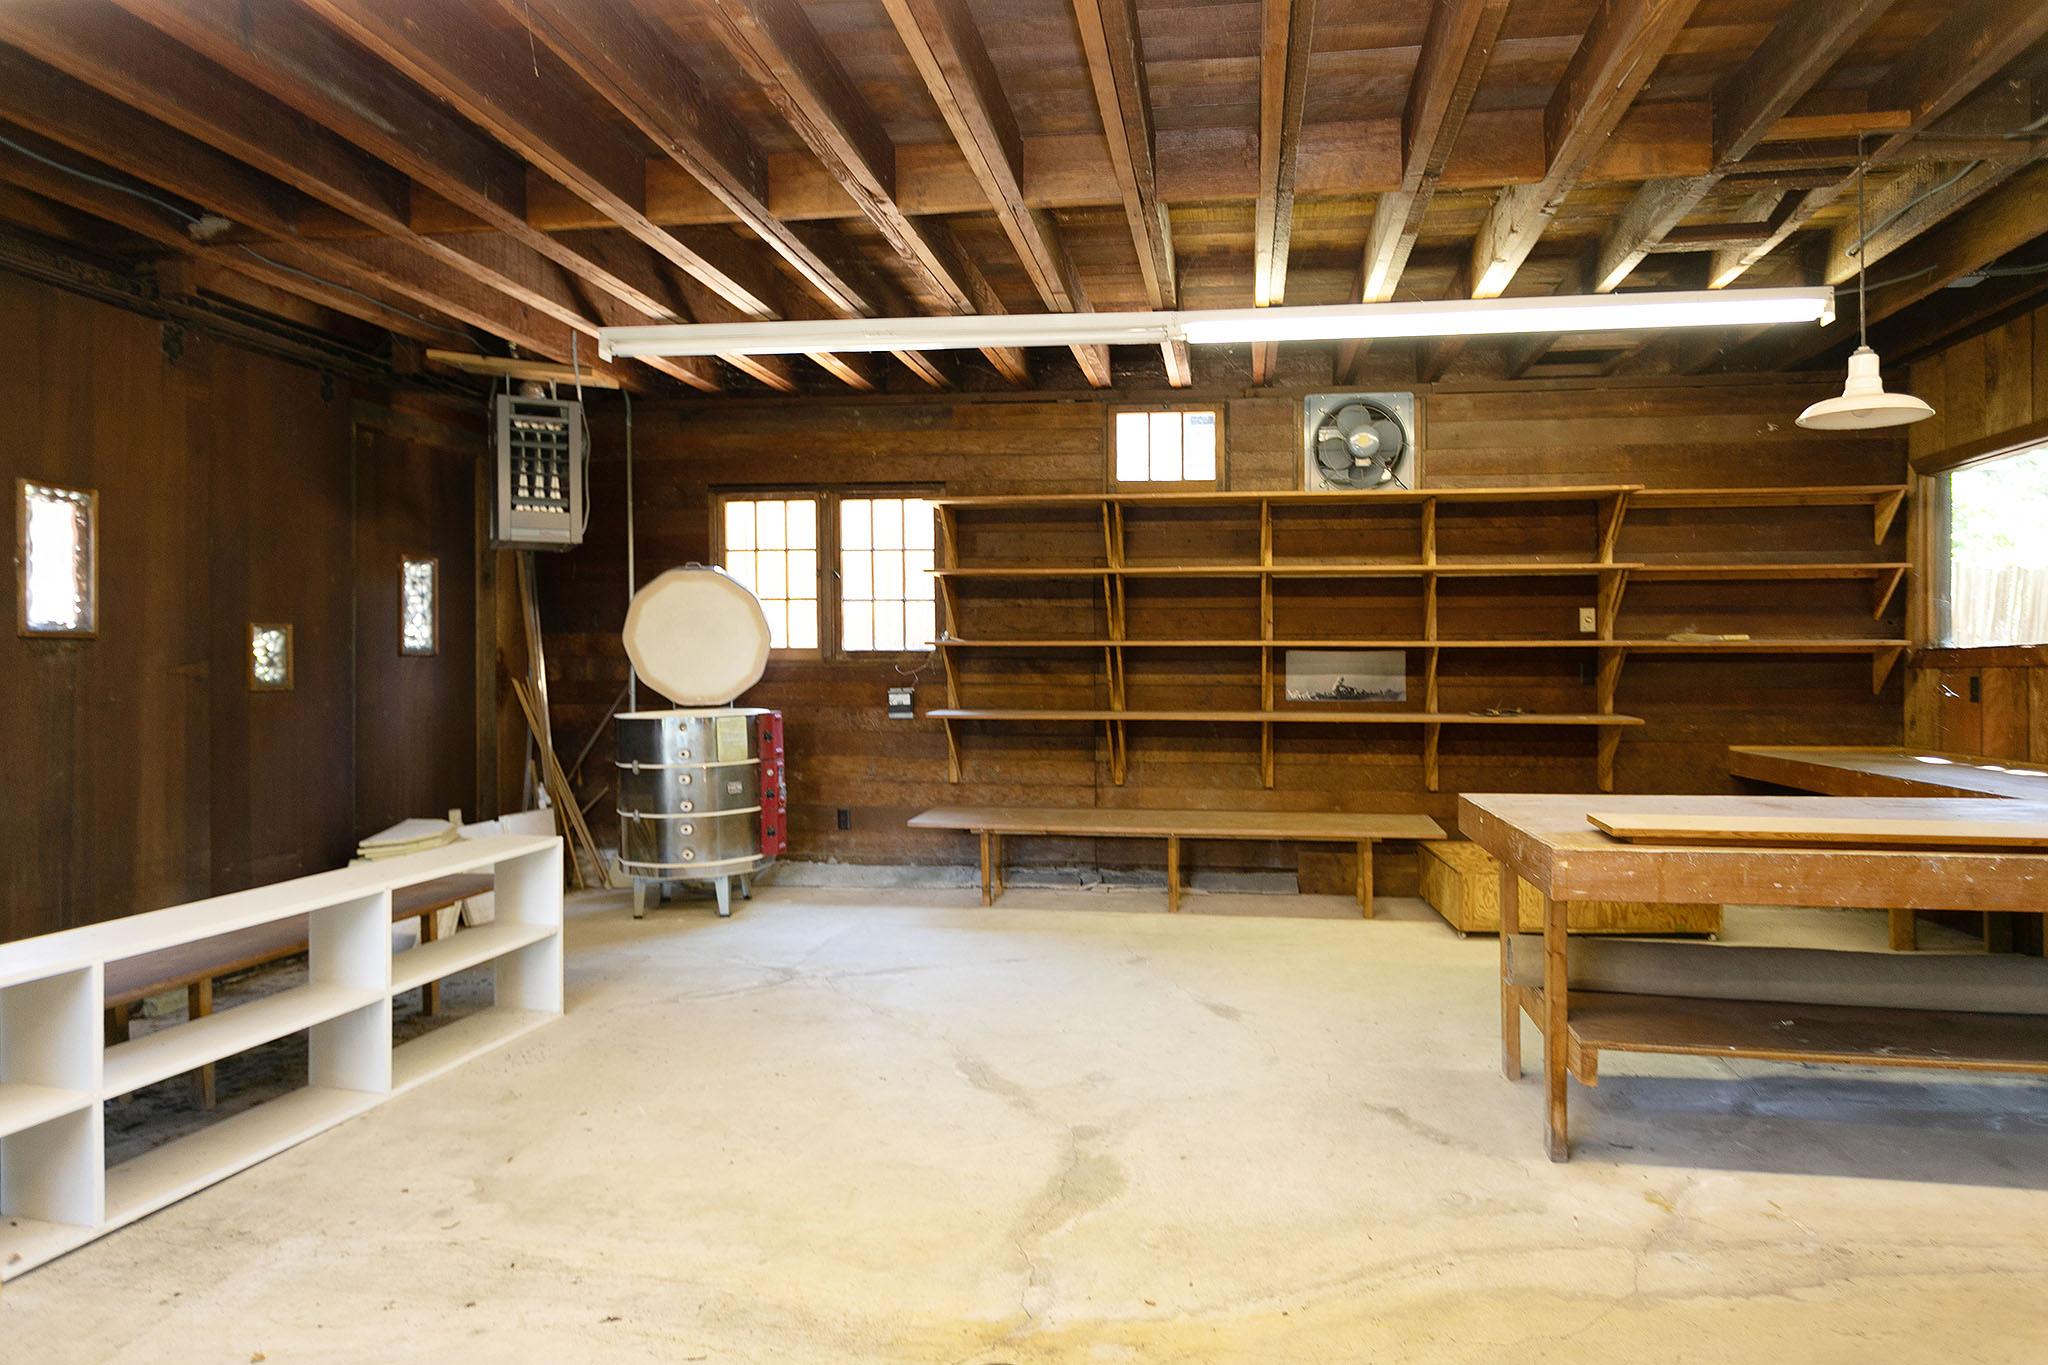 g barn inside2.jpg